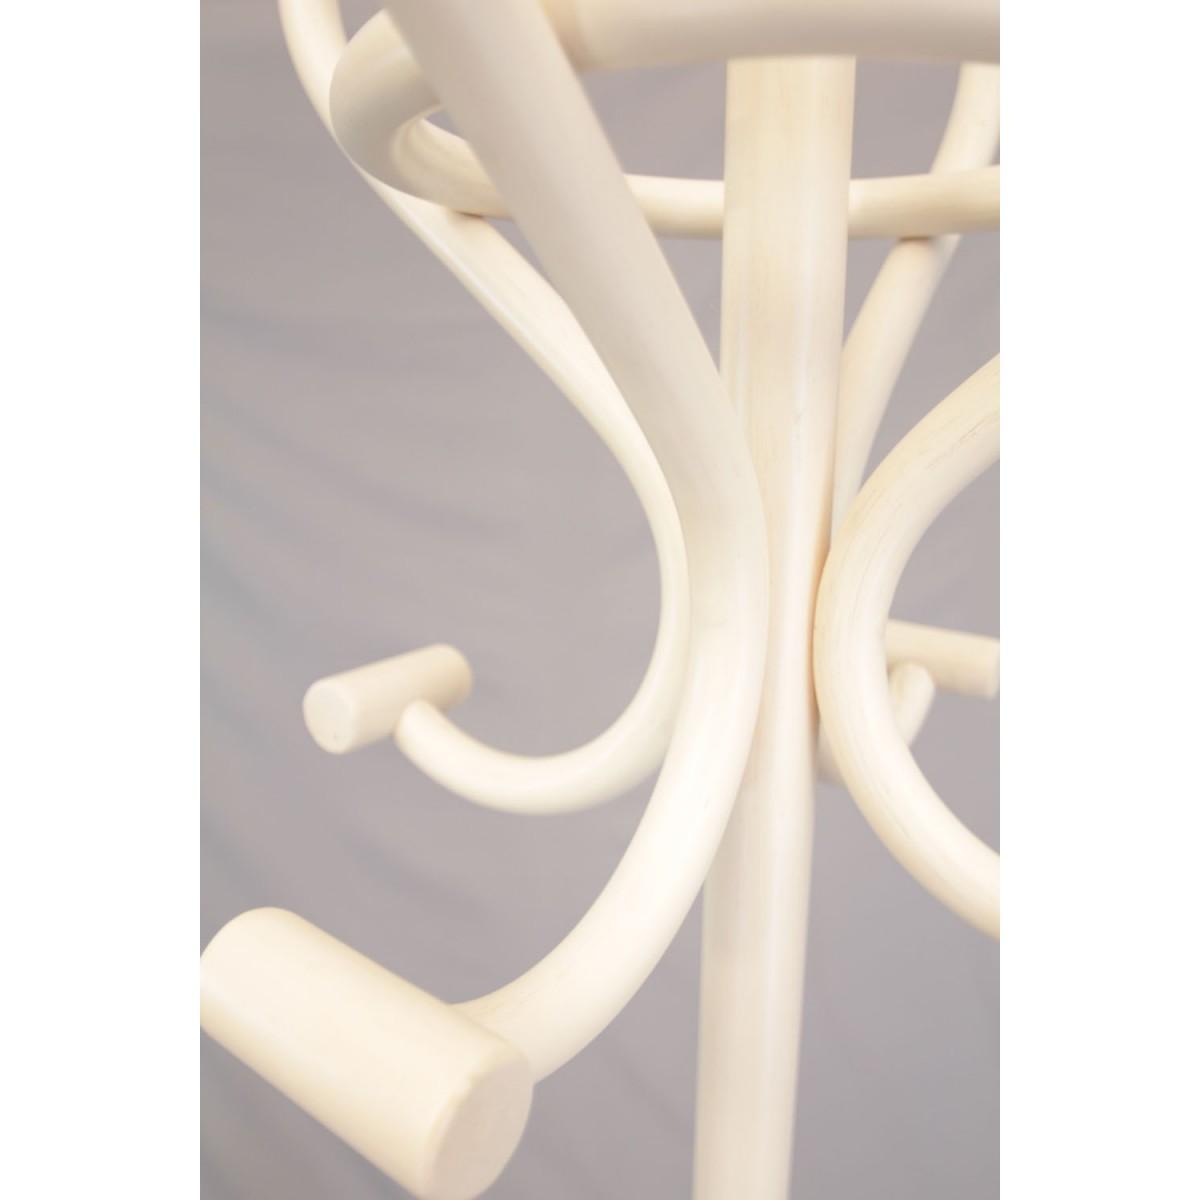 Porte Manteau Perroquet Blanc porte manteaux perroquet rotin coloris blanc sur pied 8 patères